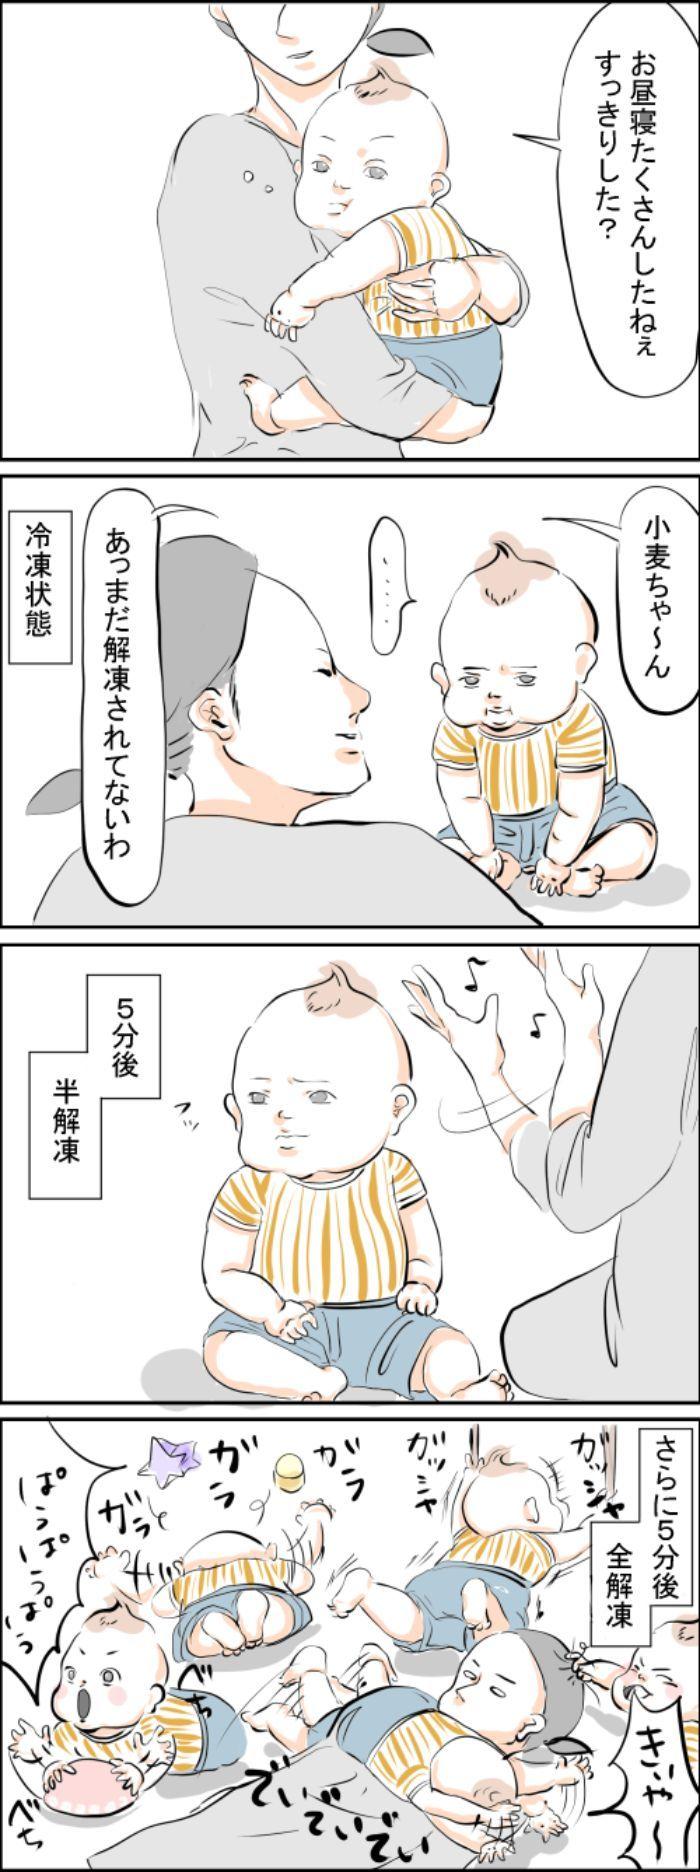 我が子よ…そろそろ笑ってあげて…?パパの全力であやす姿が、切ないよ。の画像1